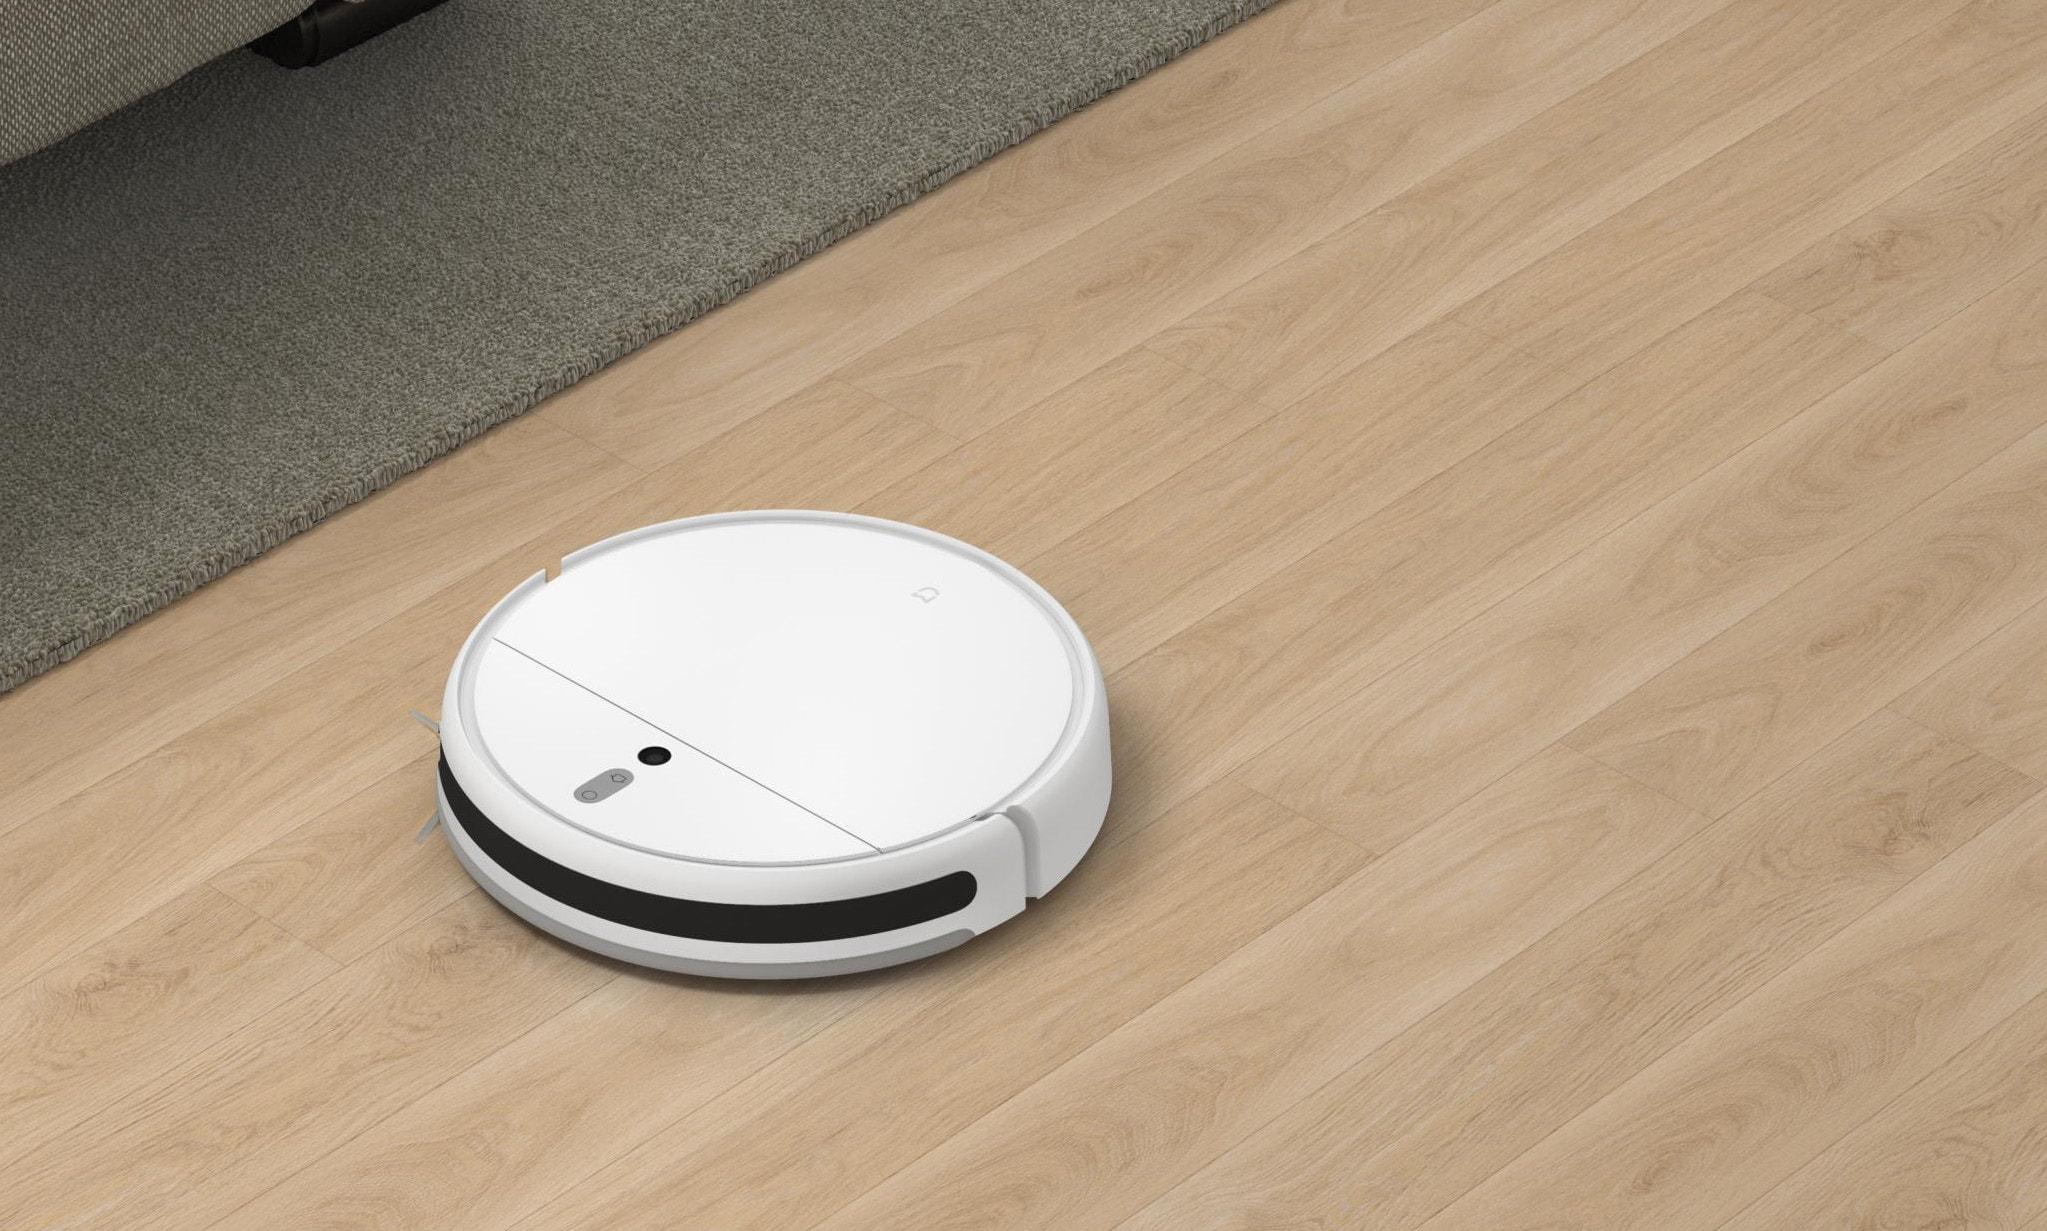 Mi Robot Vacuum Mop 1C